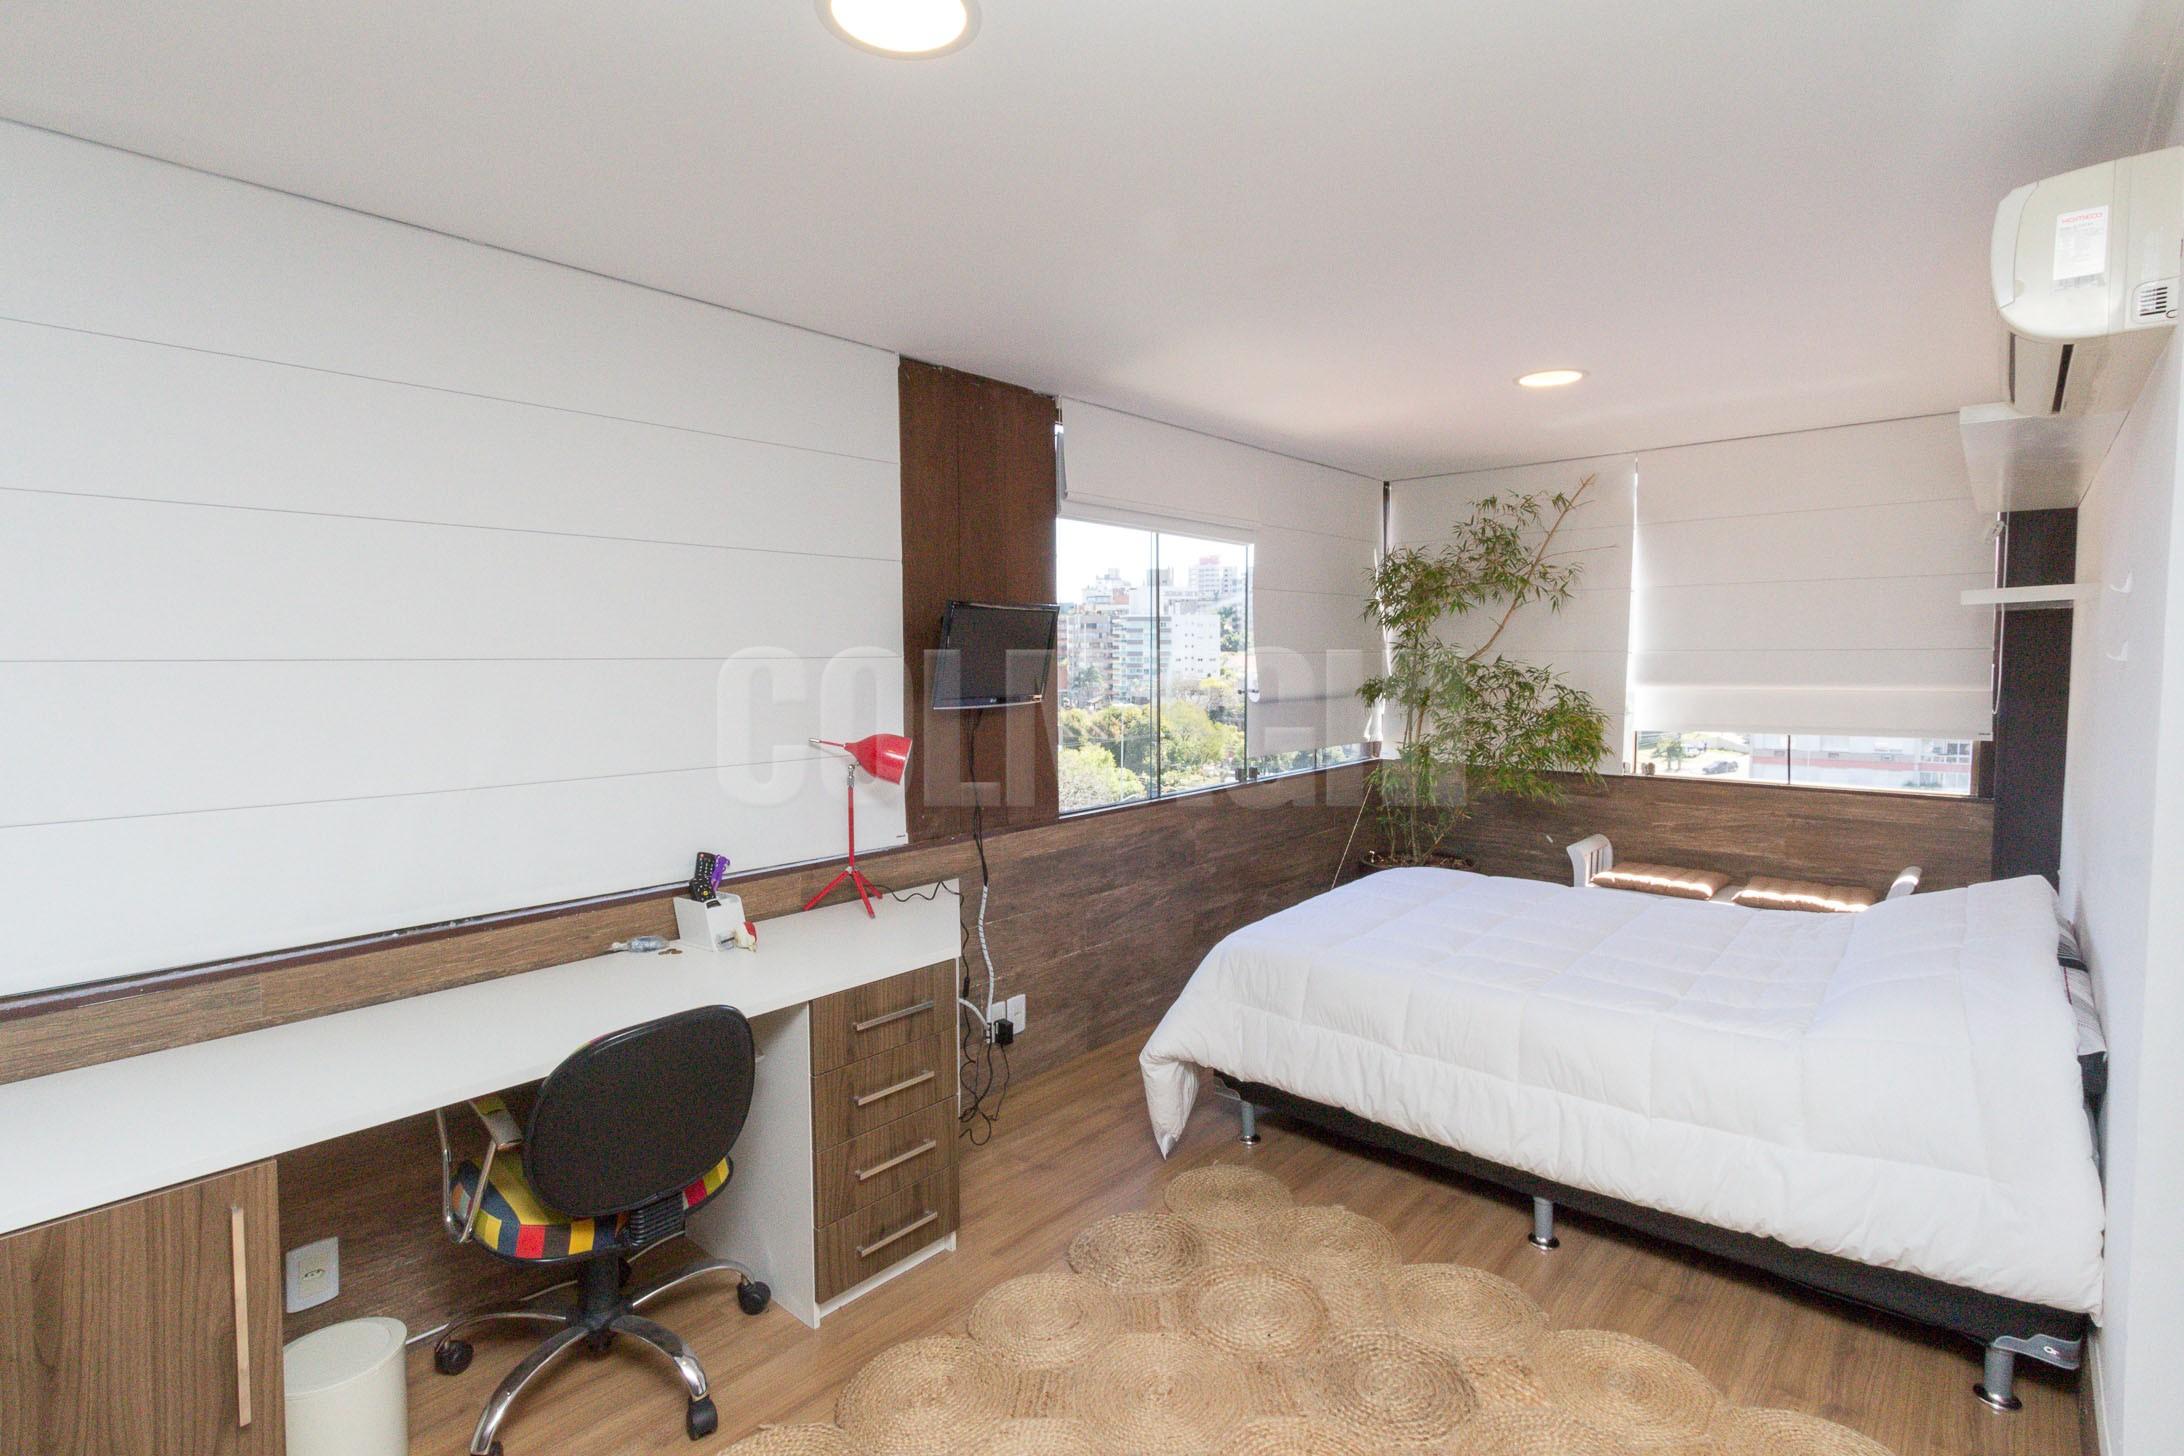 Cobertura 3 Dormitórios 281.77m2 Petropolis - Porto Alegre - Venda